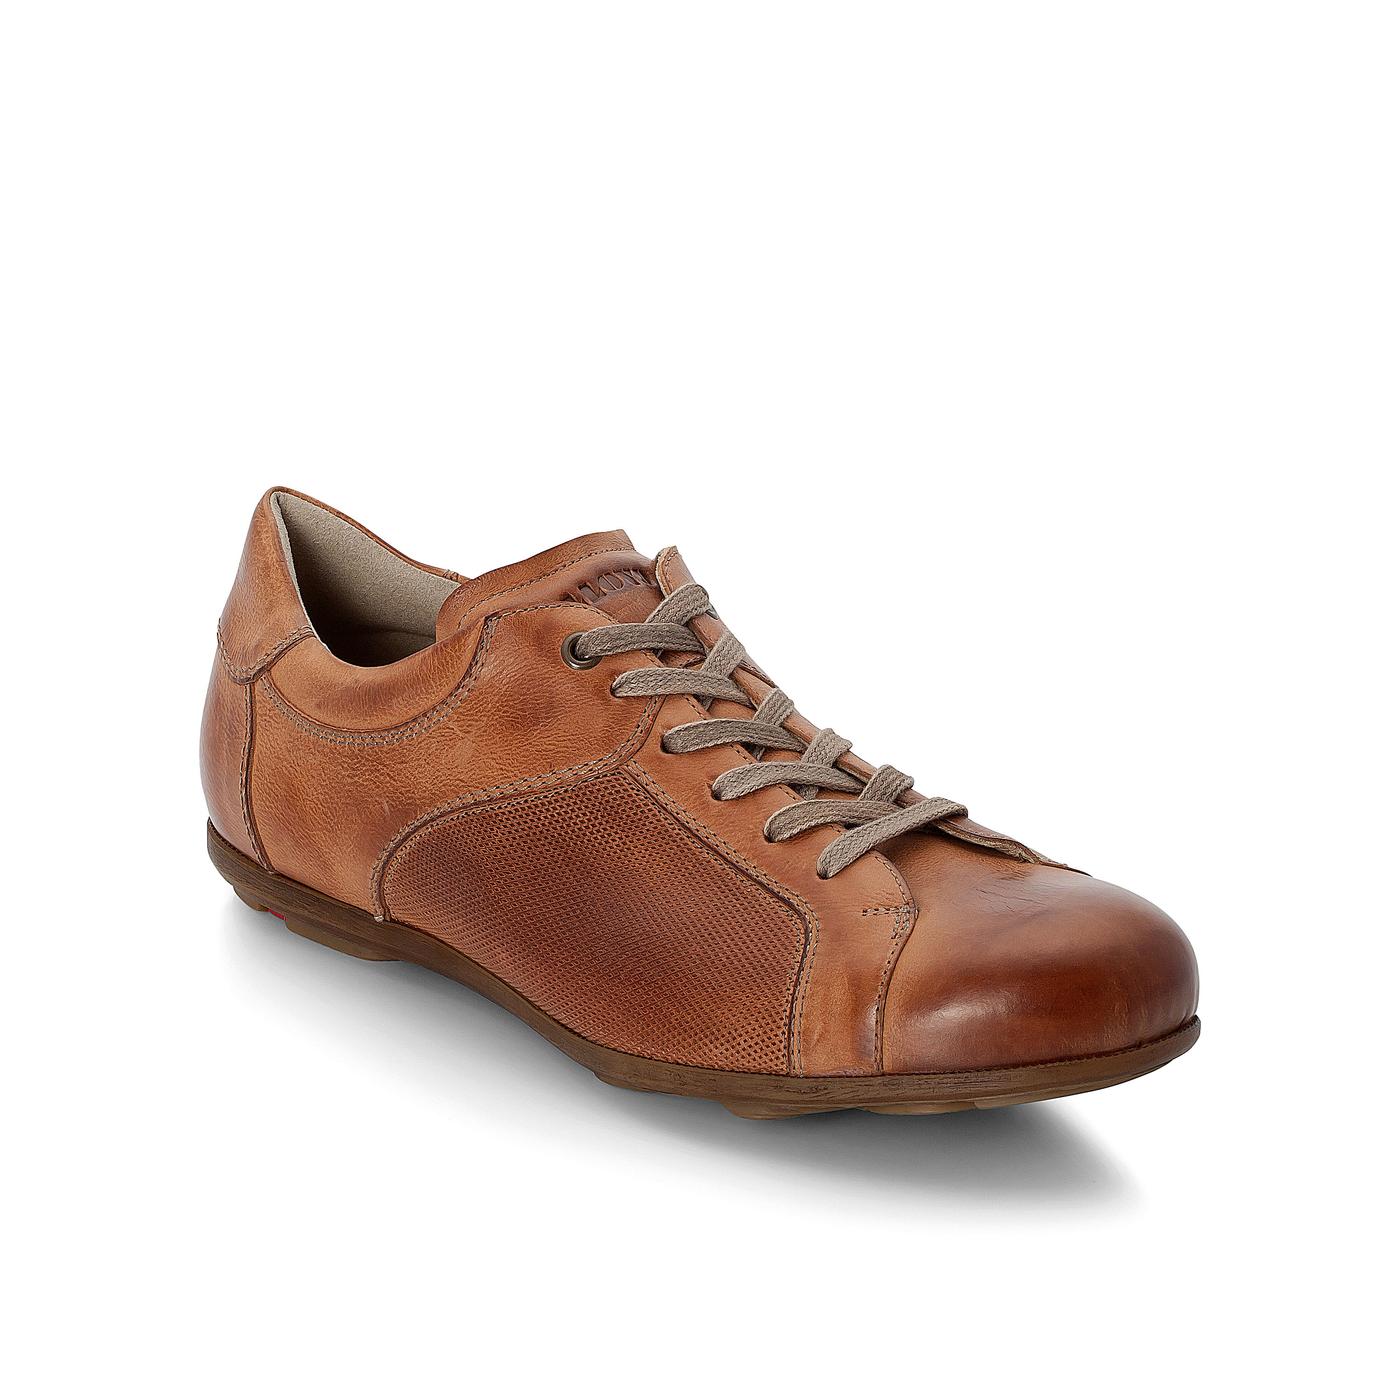 BORAN | Schuhe > Sneaker > Sneaker high | Lloyd